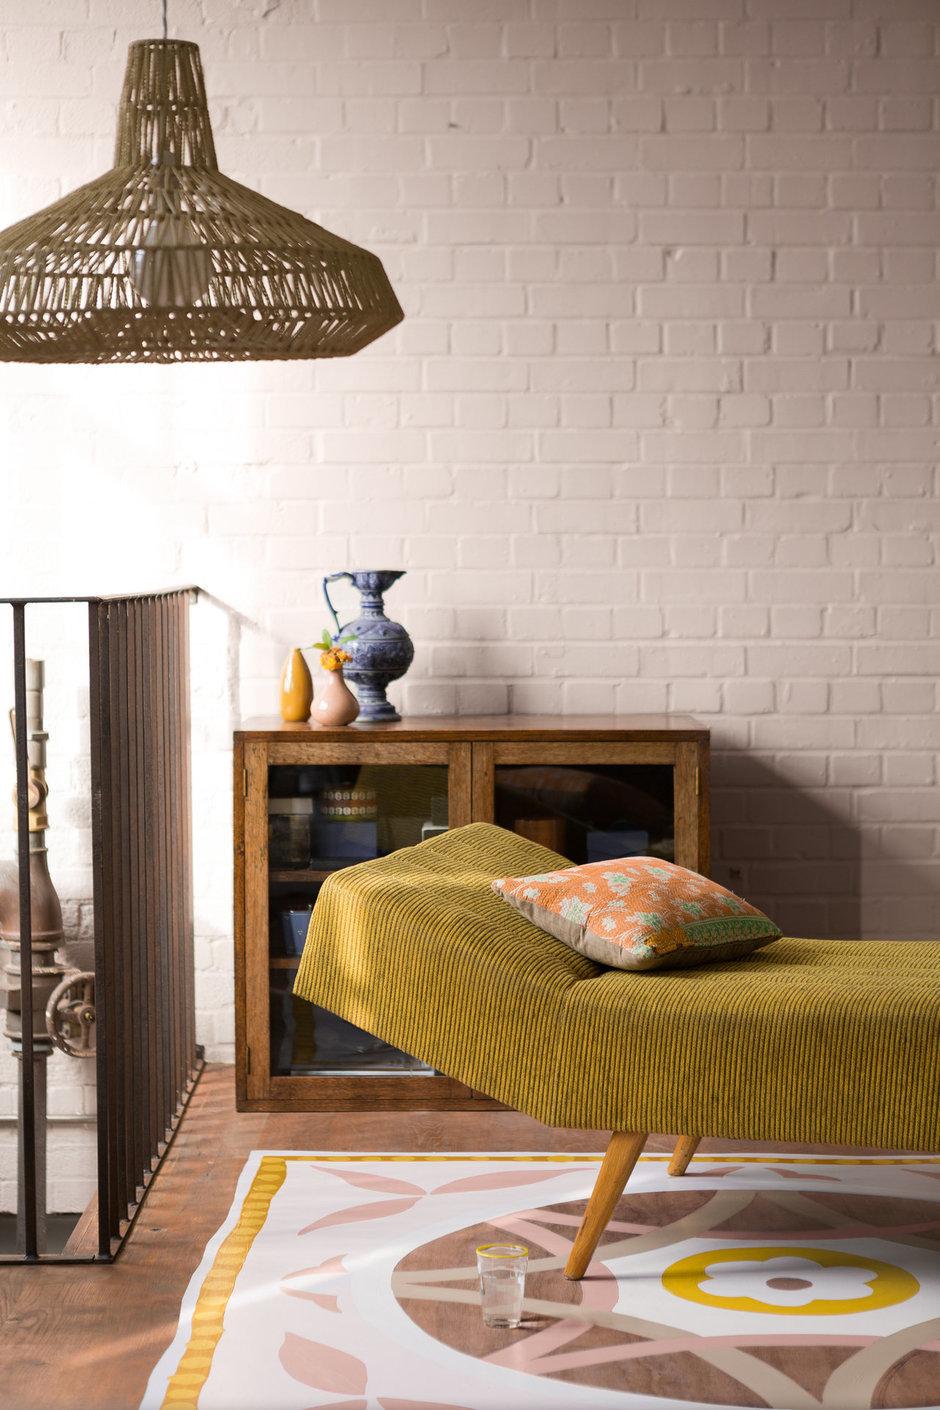 Фотография: Декор в стиле Лофт, Декор интерьера, Дизайн интерьера, Цвет в интерьере, Советы, Dulux, Оранжевый – фото на InMyRoom.ru